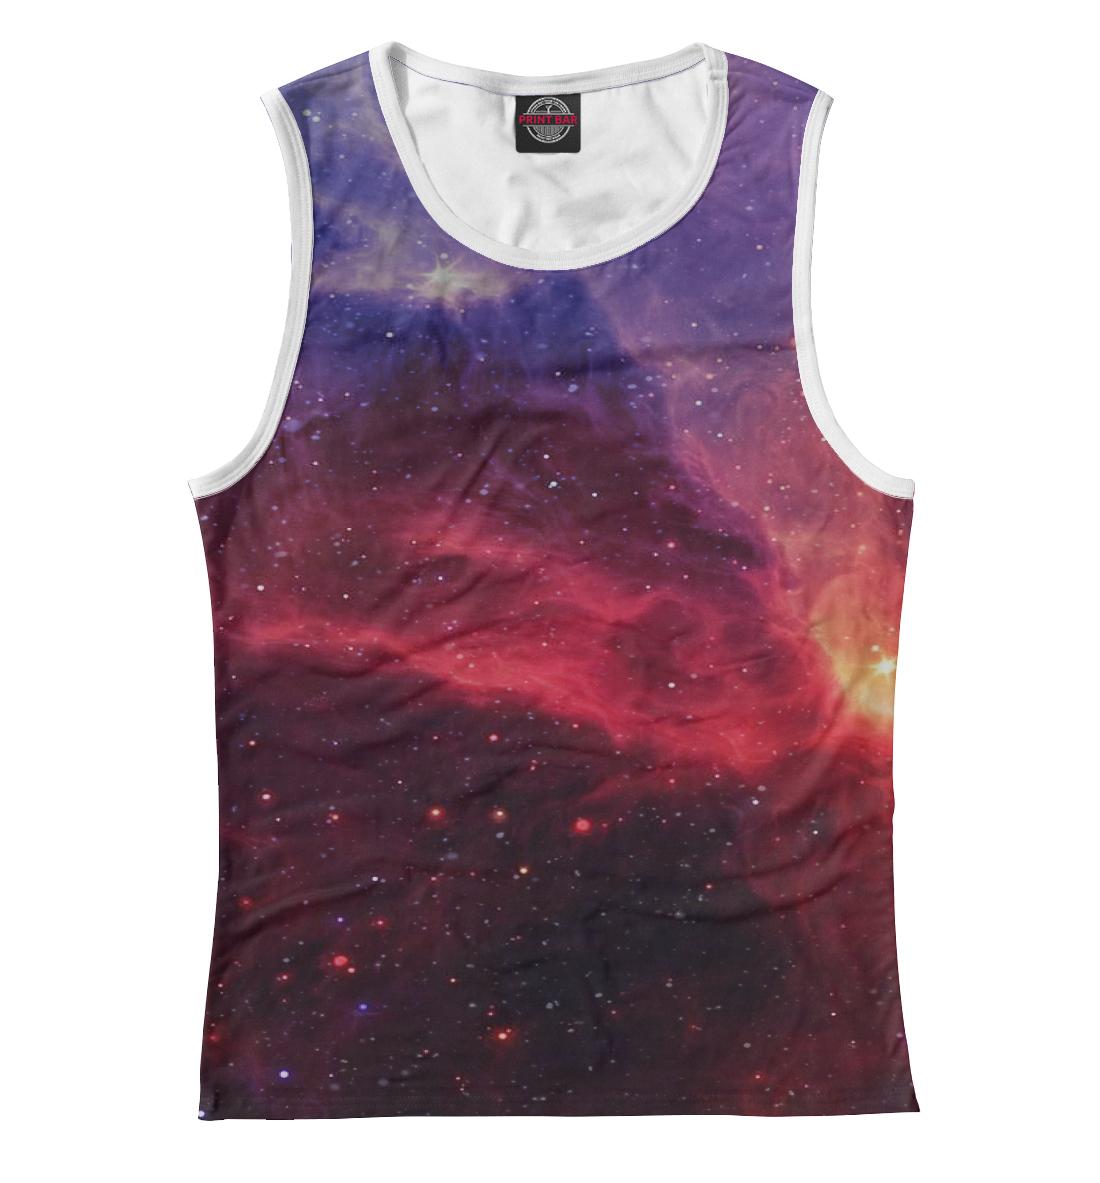 Купить Космический свет, Printbar, Майки, APD-104651-may-1